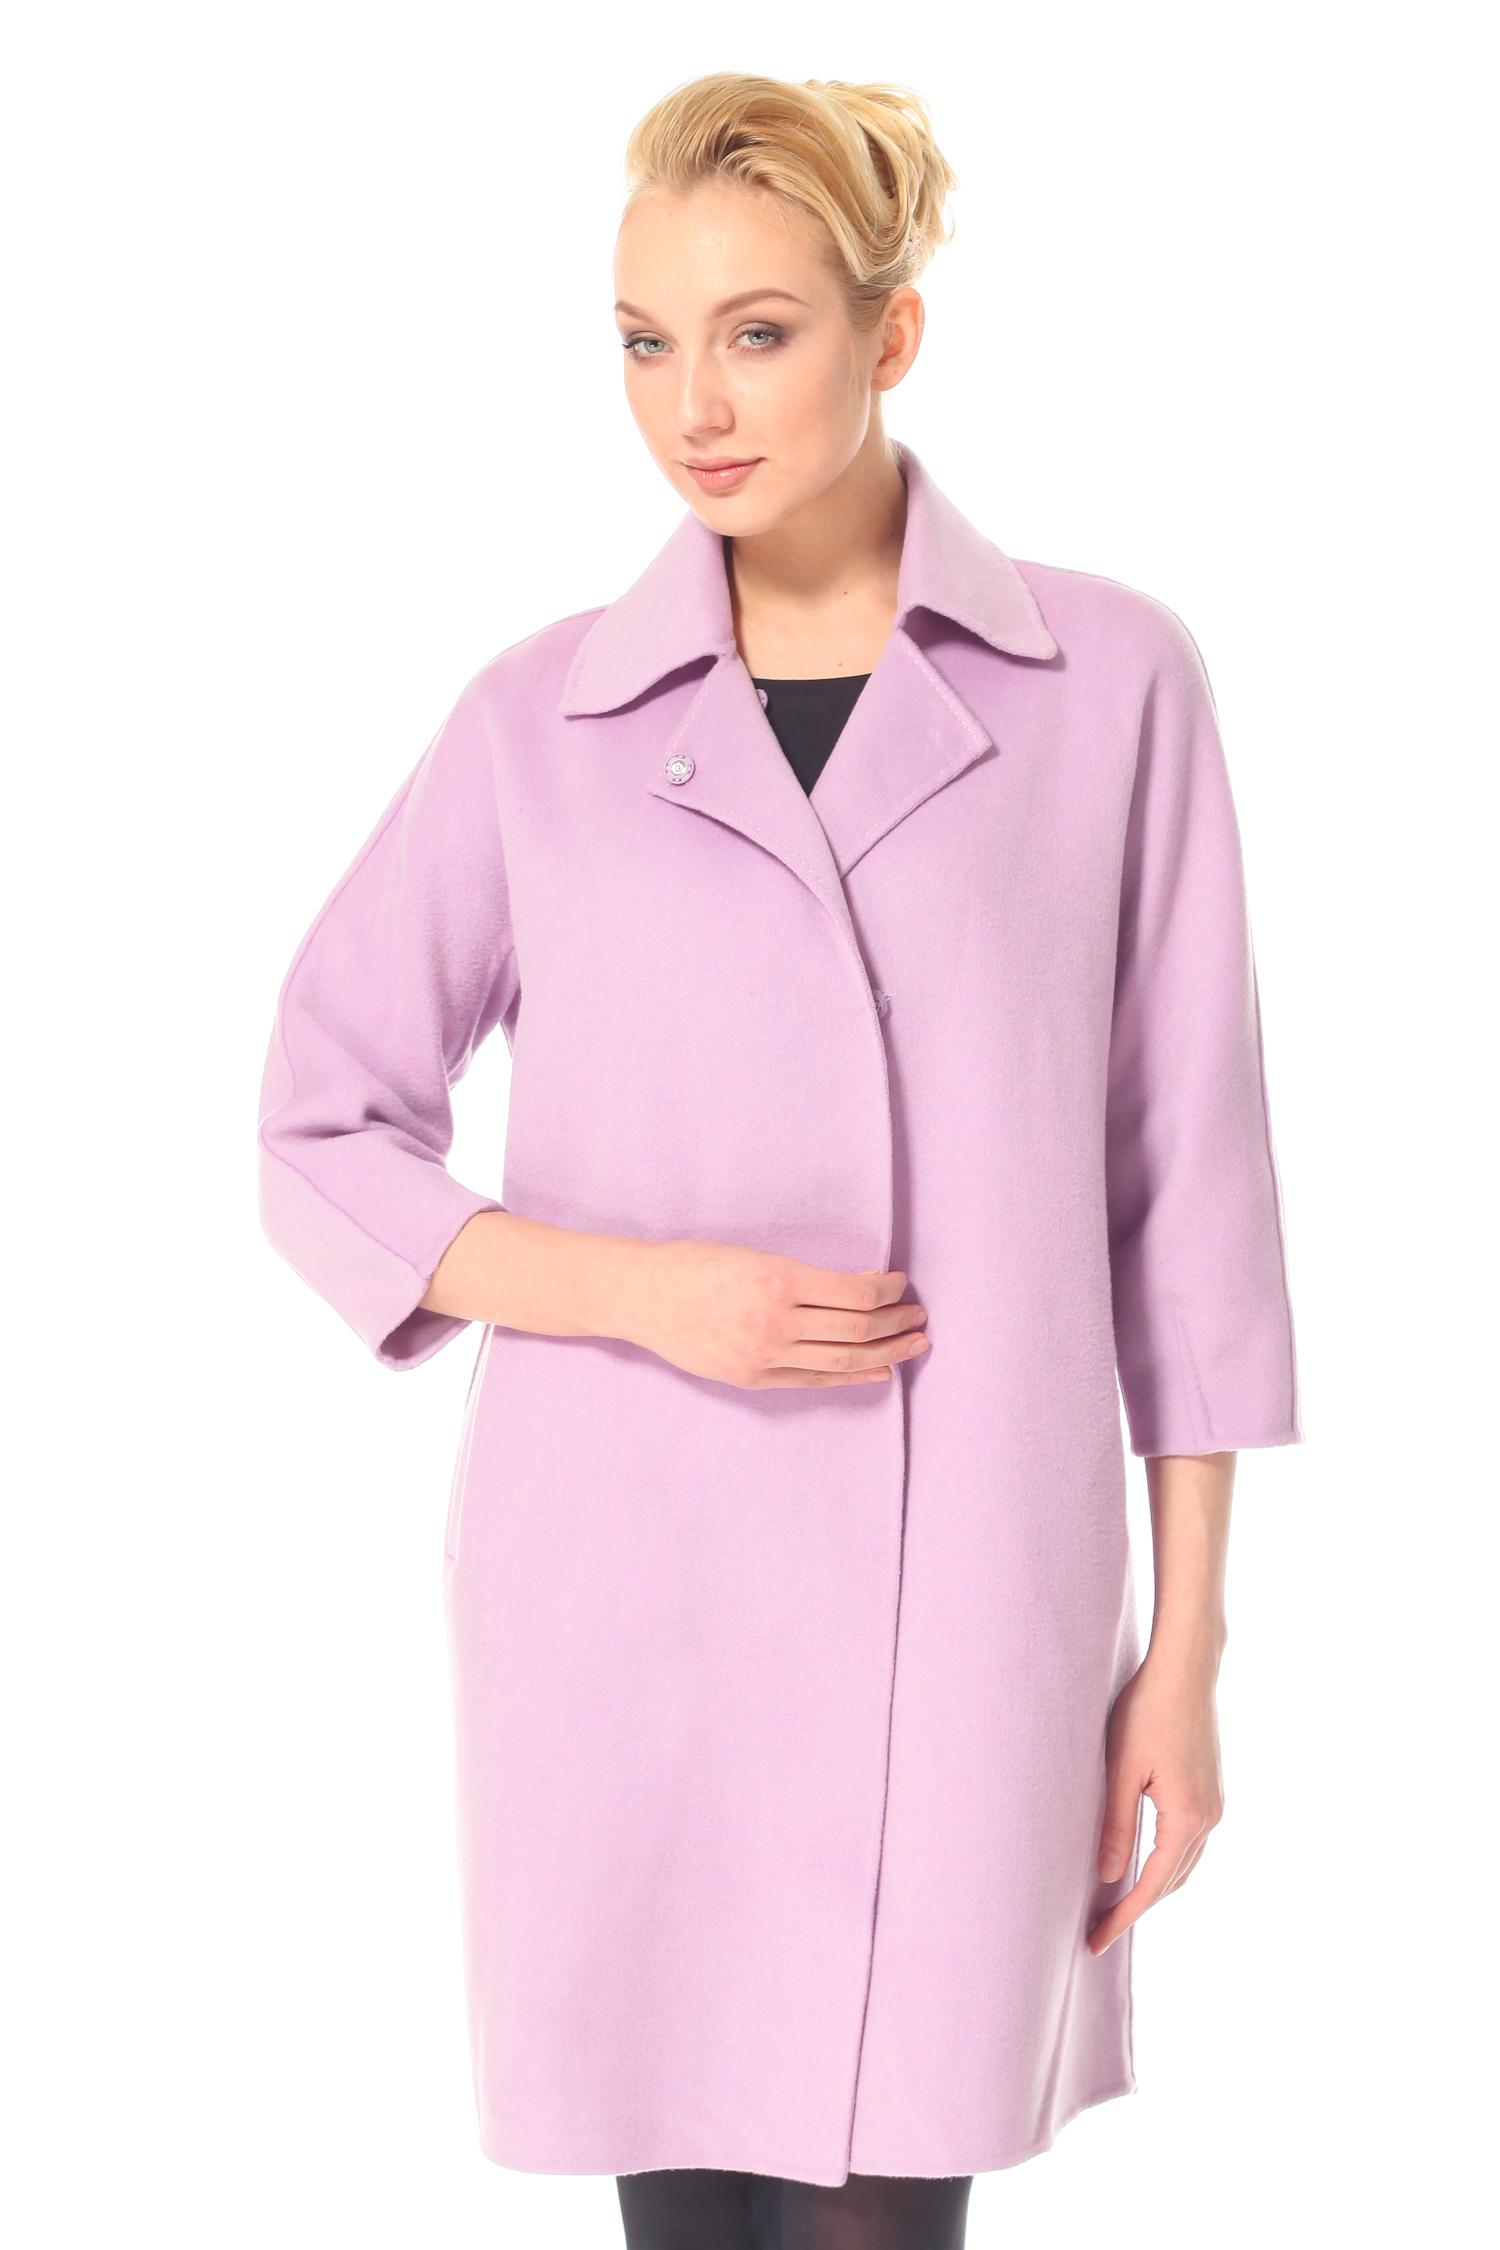 Фото 3 - Женское пальто из текстиля с воротником от МОСМЕХА цвета фуксия